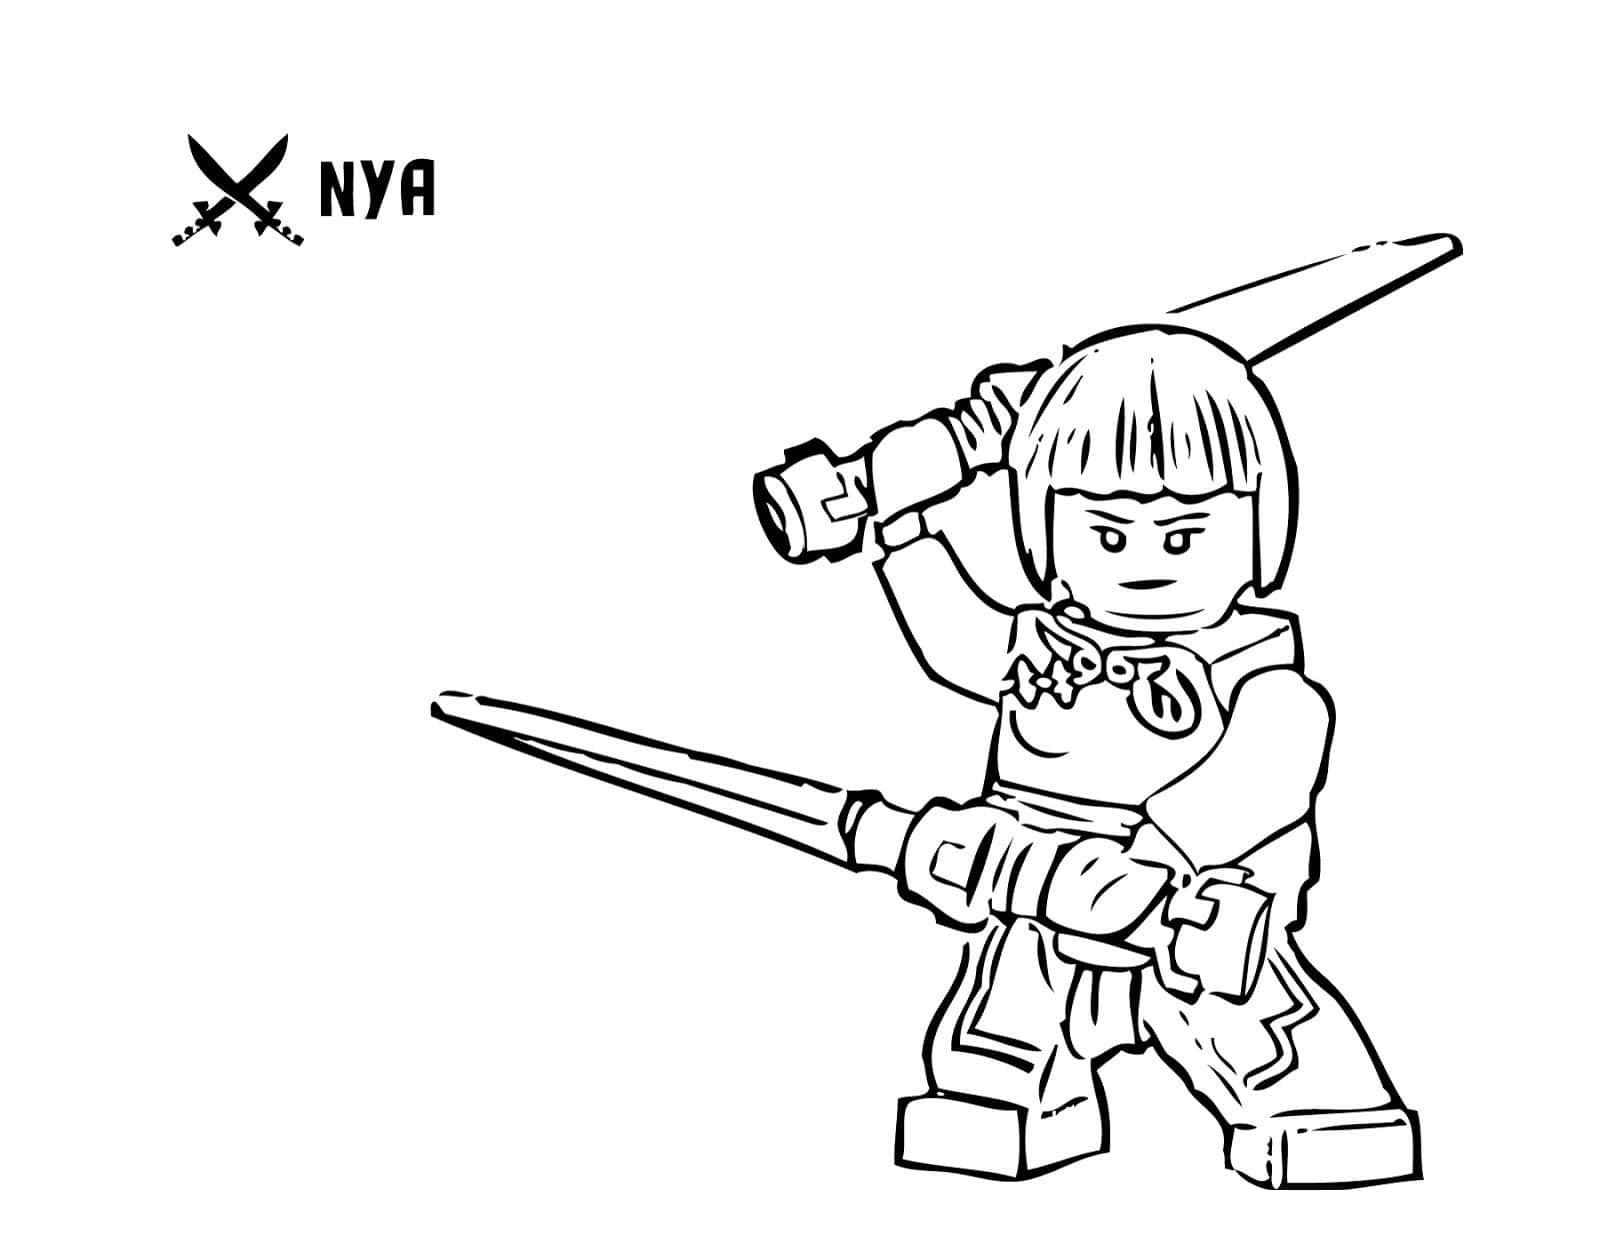 Раскраски Ниндзя Го от Лего. Распечатайте онлайн!